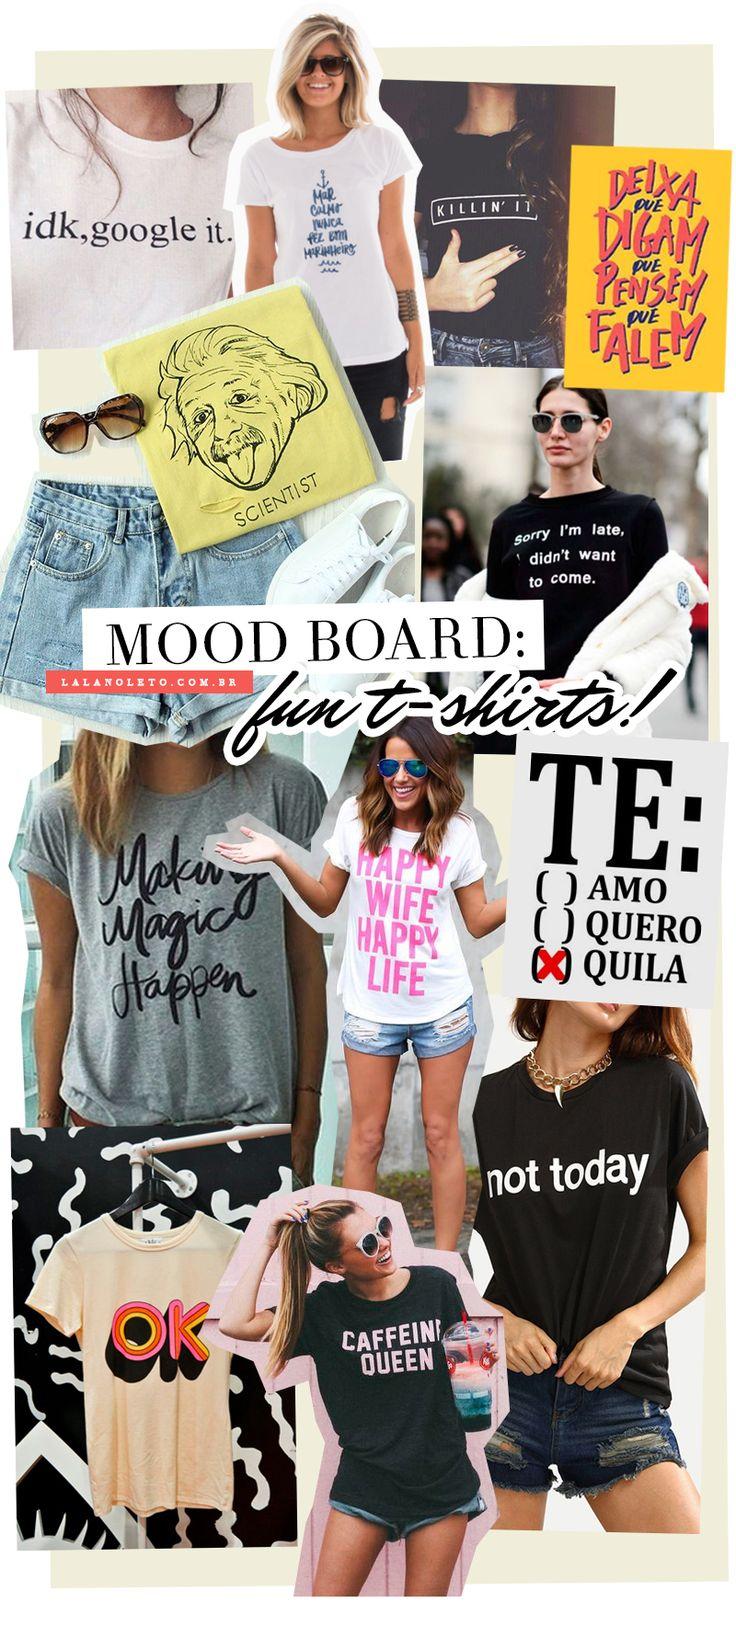 Dicas e inspirações para acrescentar muita energia positiva aos looks deste verão. As camisetas com palavras e frases estão com tudo nesse verão!